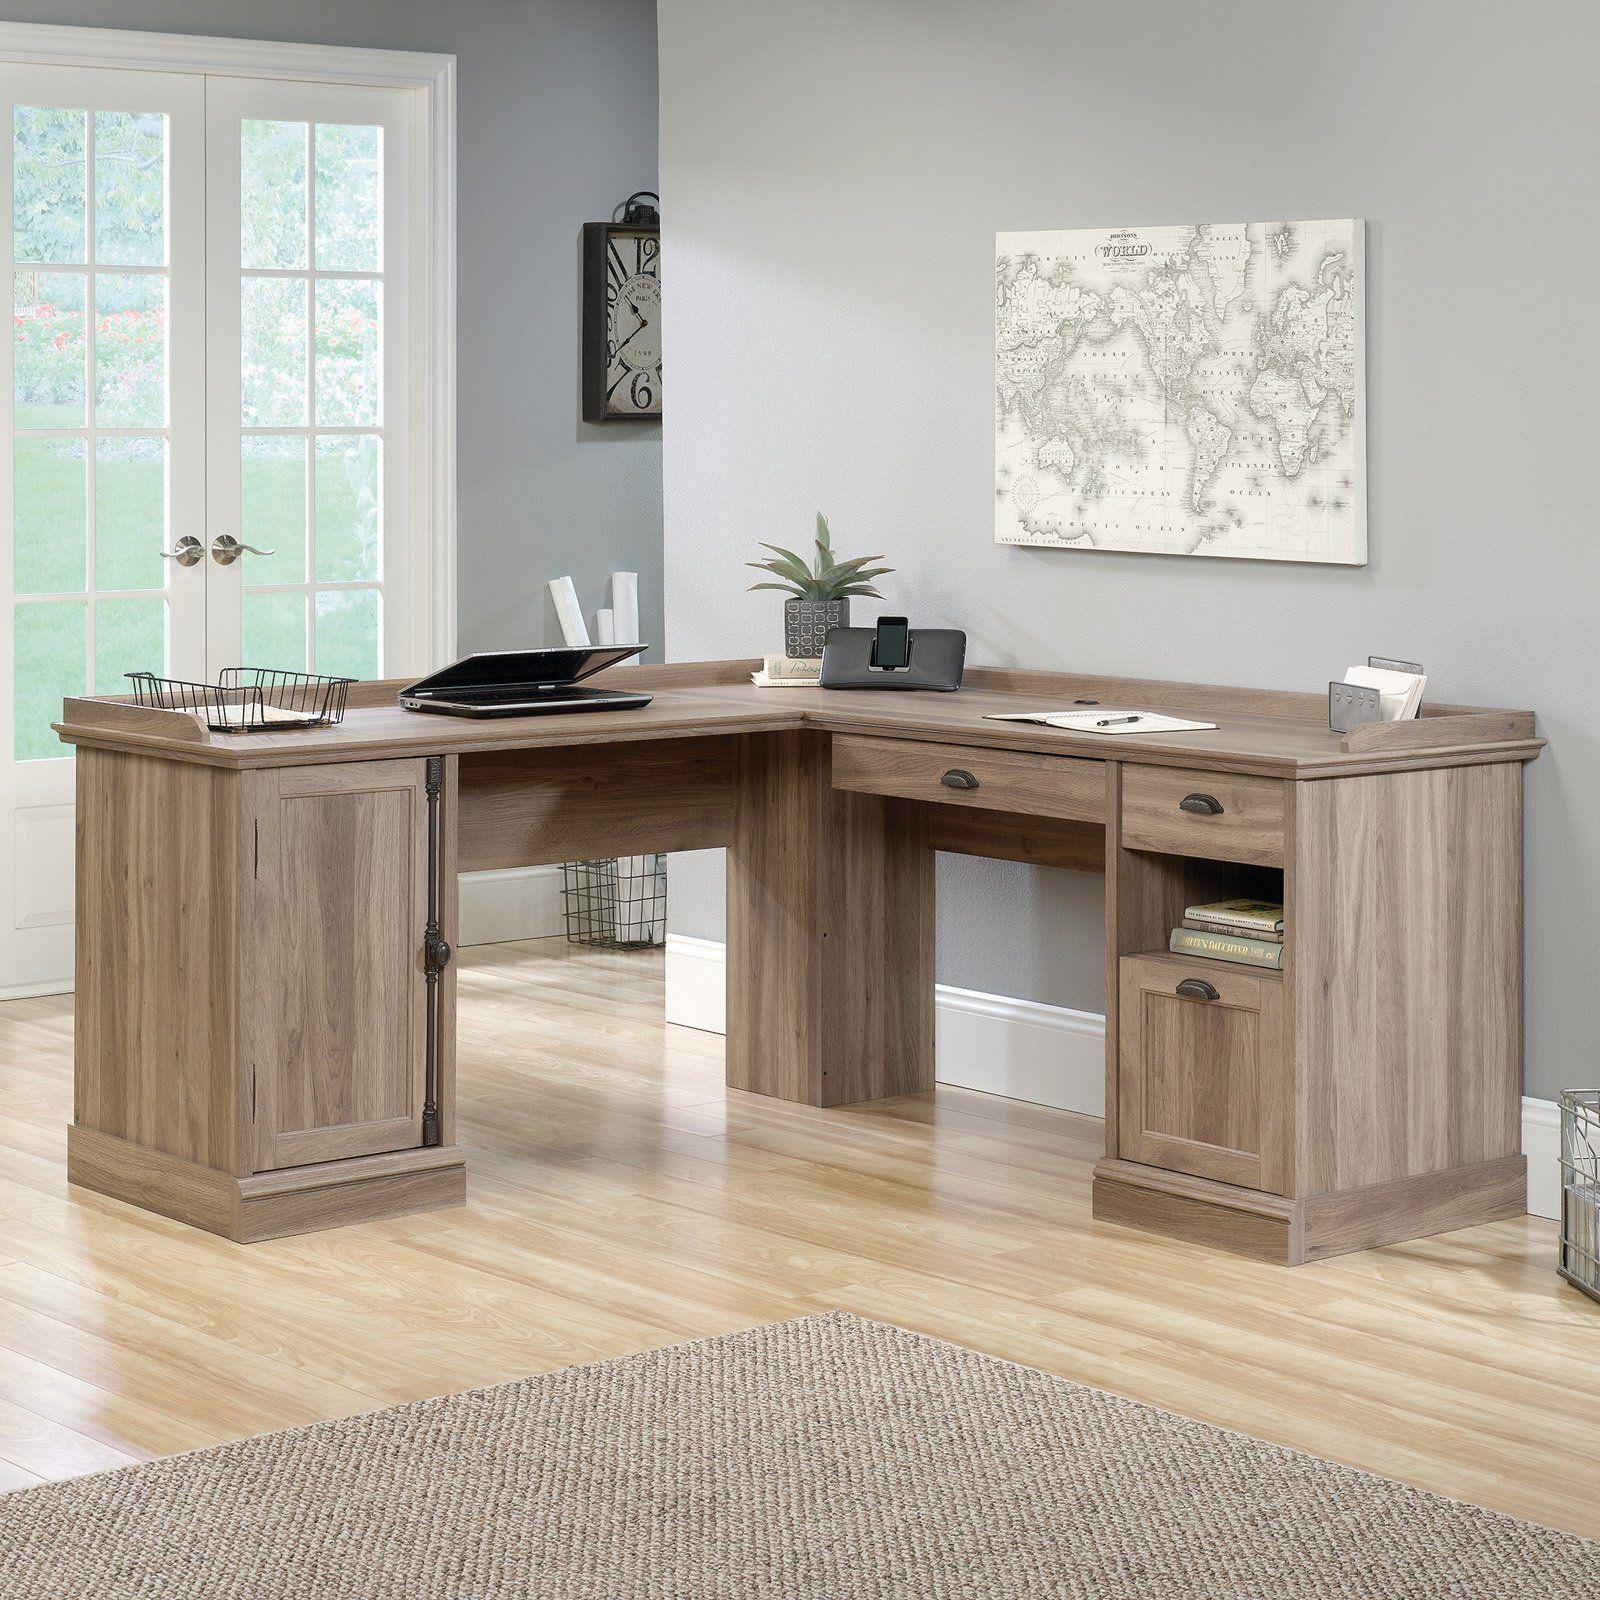 Sauder Barrister Lane L Shaped Desk L Shaped Executive Desk